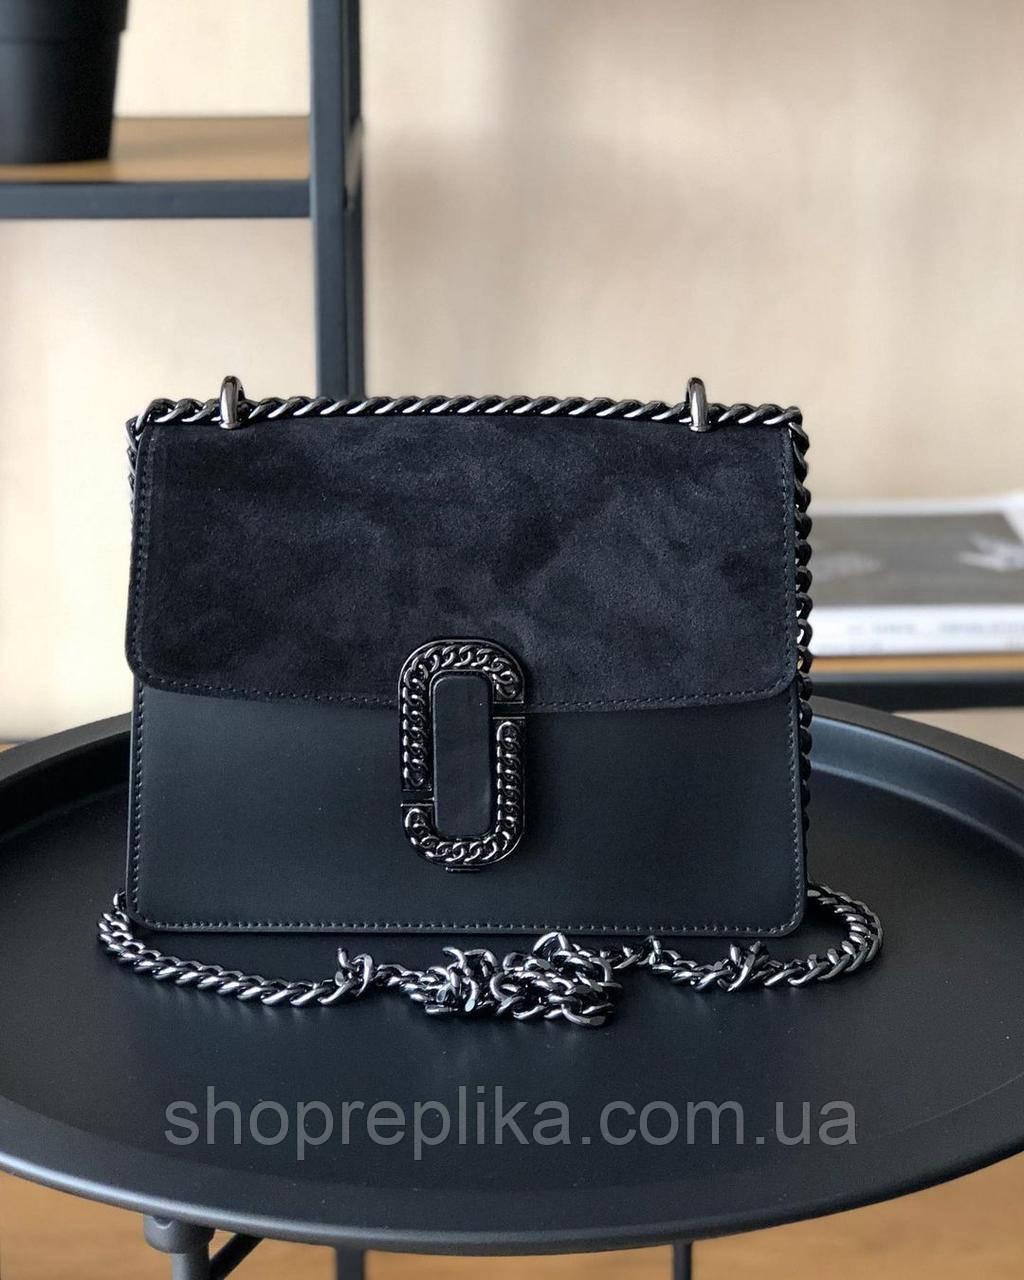 Женский клатч из натуральной кожи Италия Люкс Женские сумки и клатчи в Украине